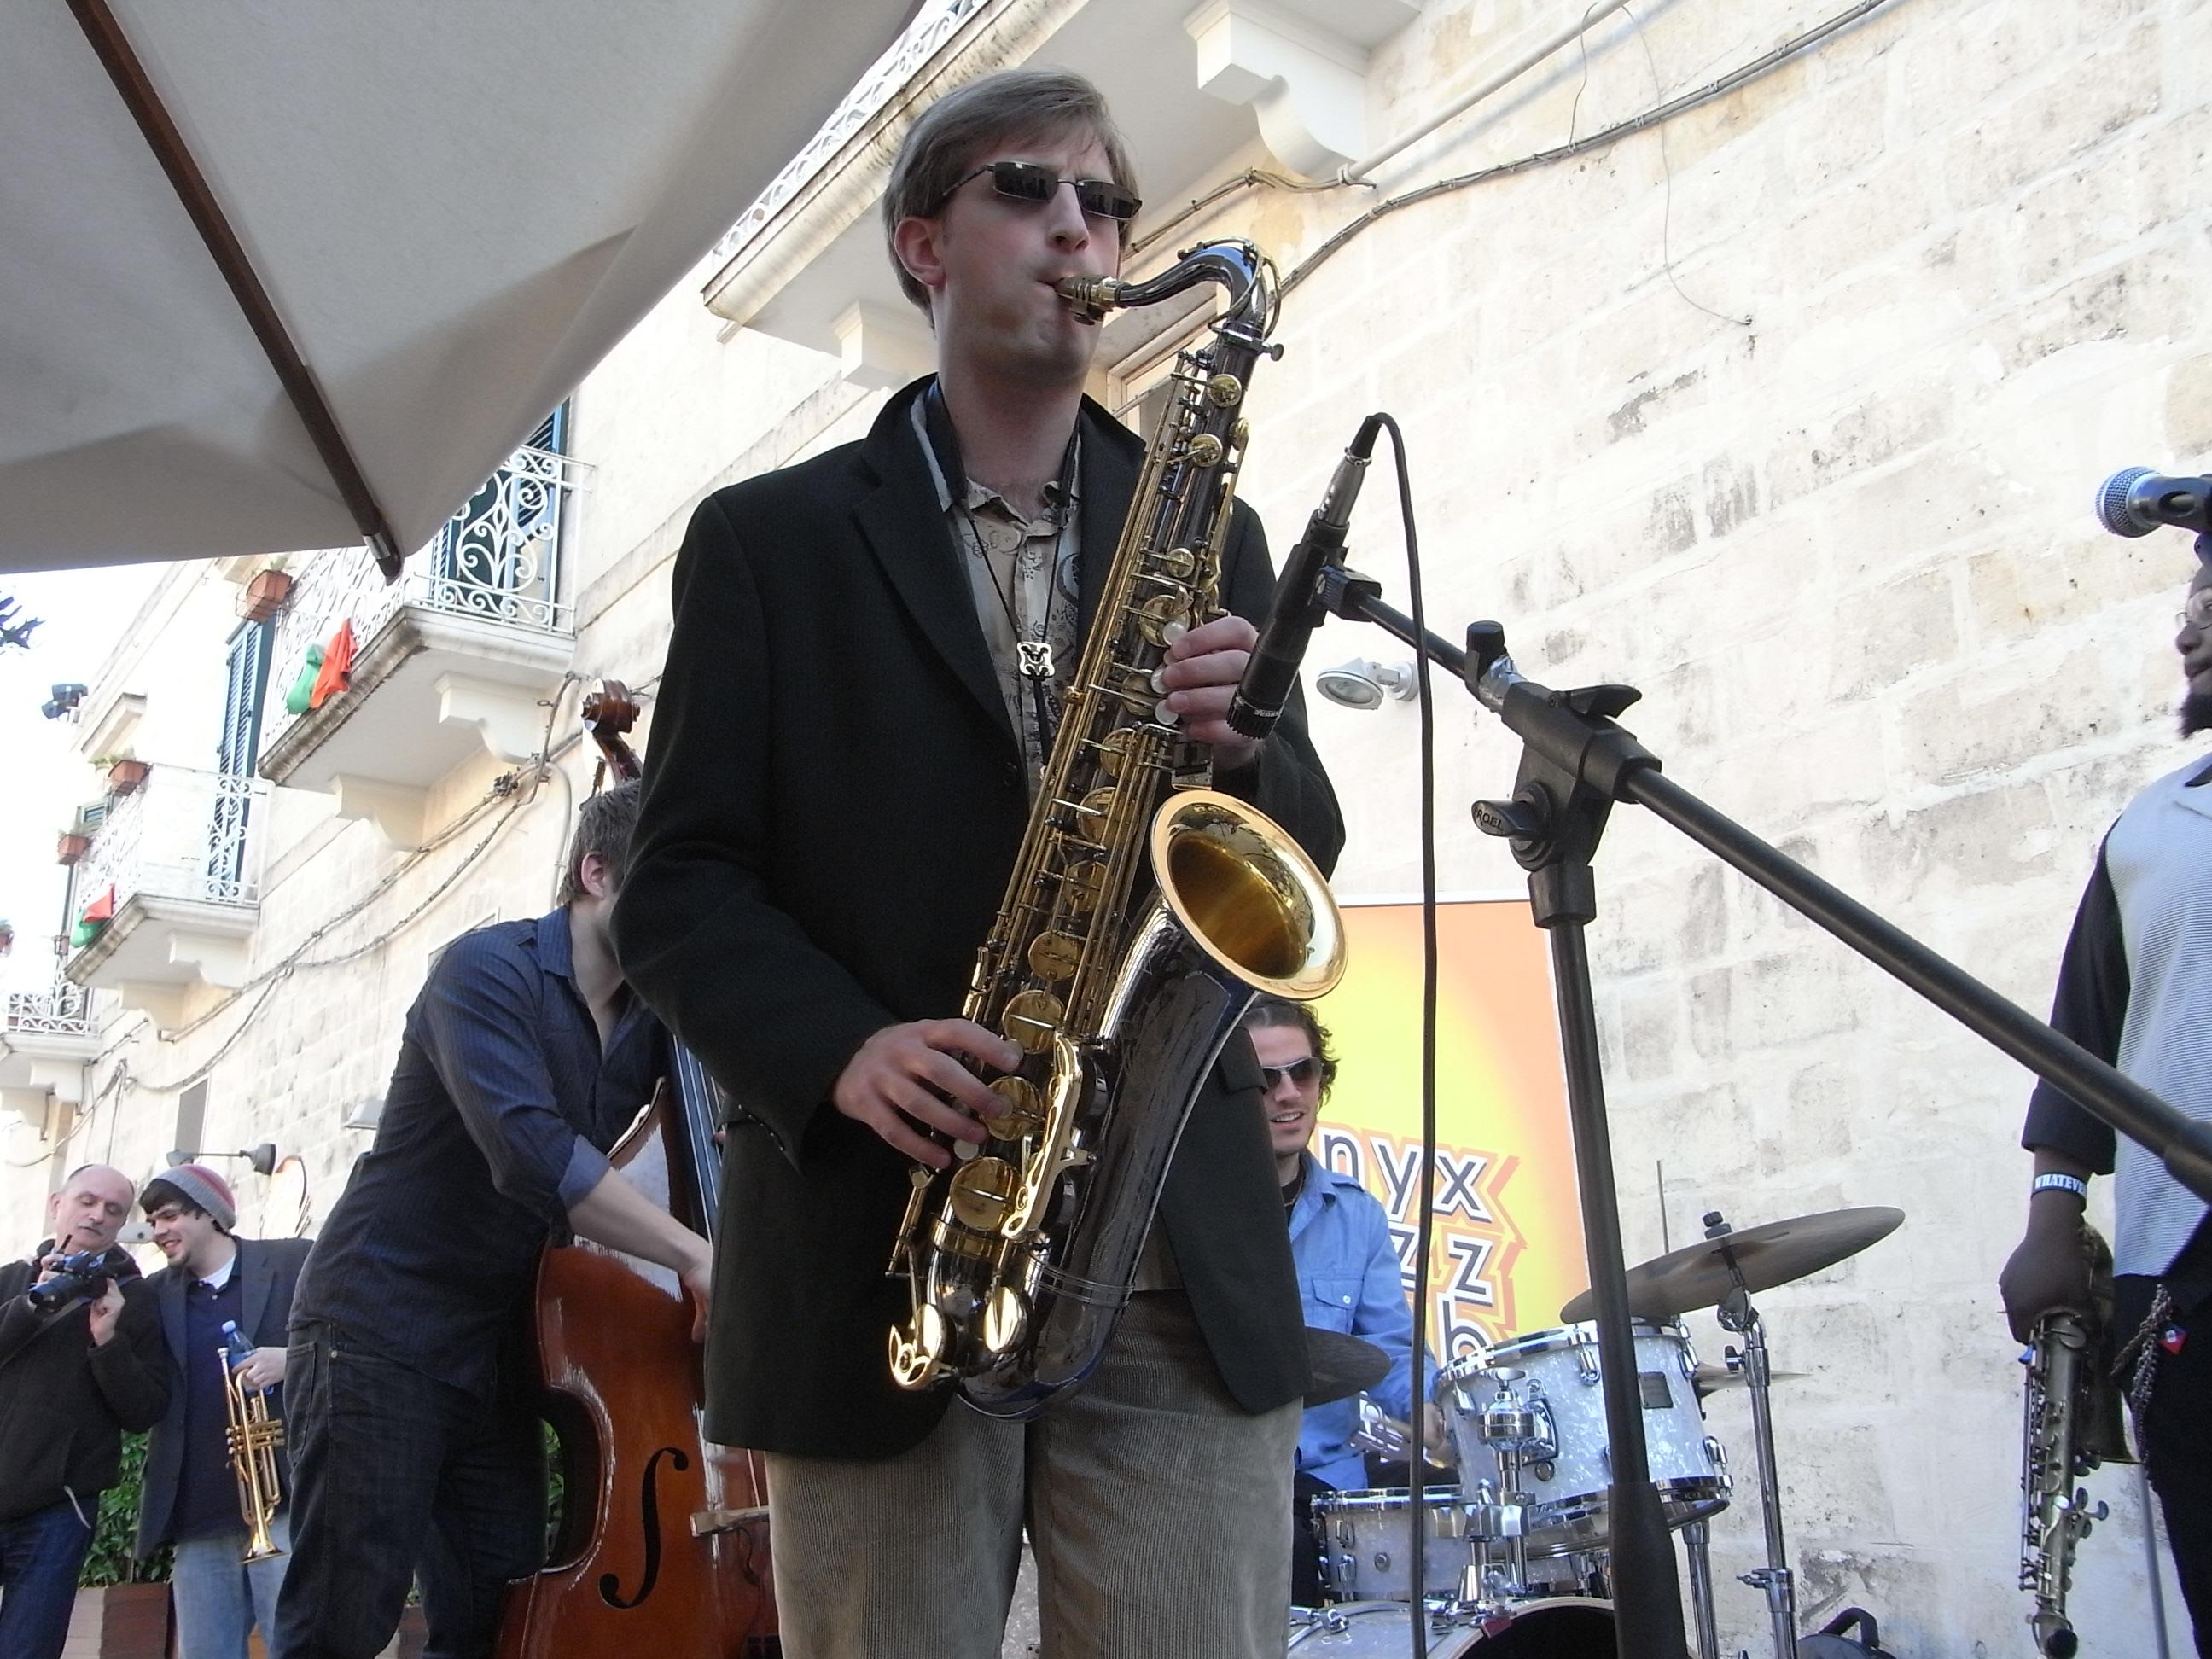 Matt Marantz for Gezziamoci 2011